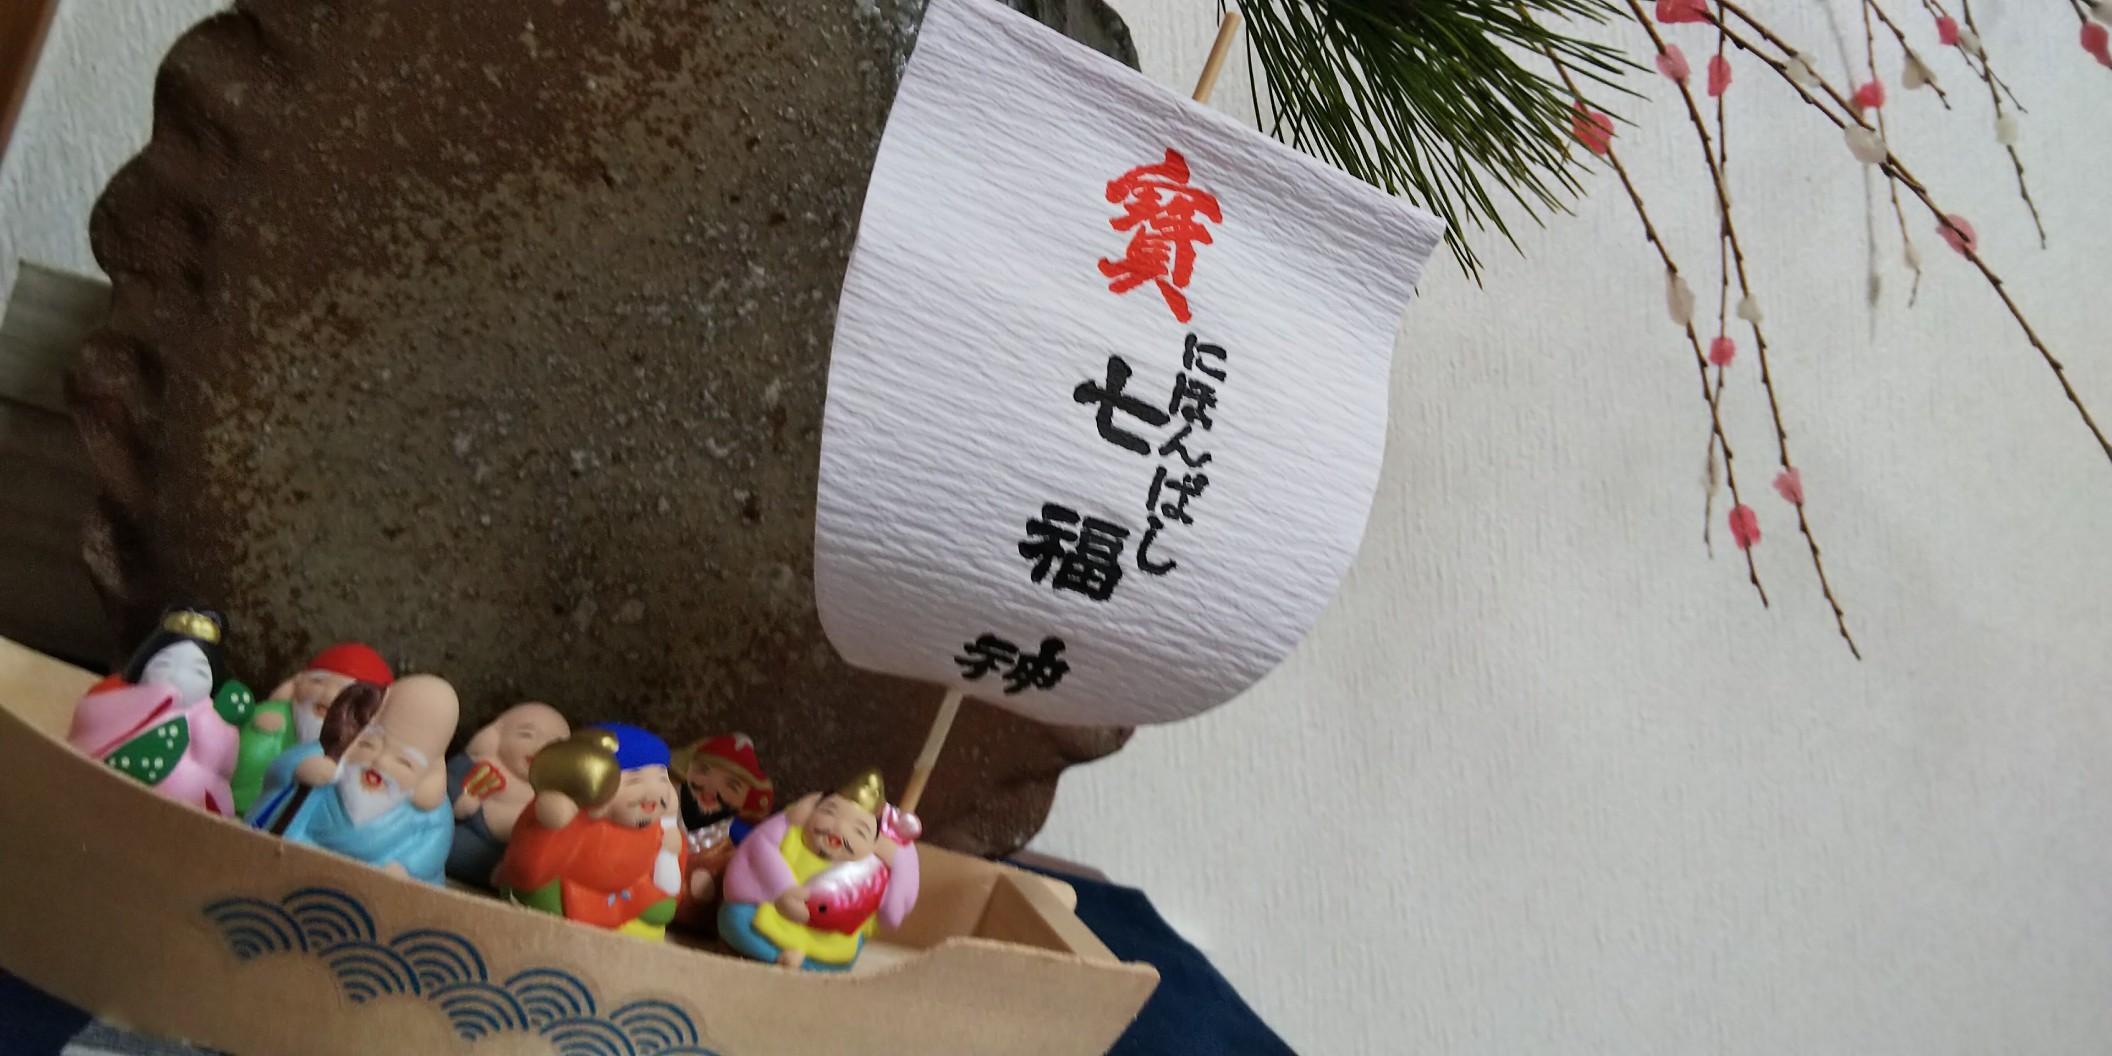 徳島生活の始まりです_d0043390_15405399.jpg